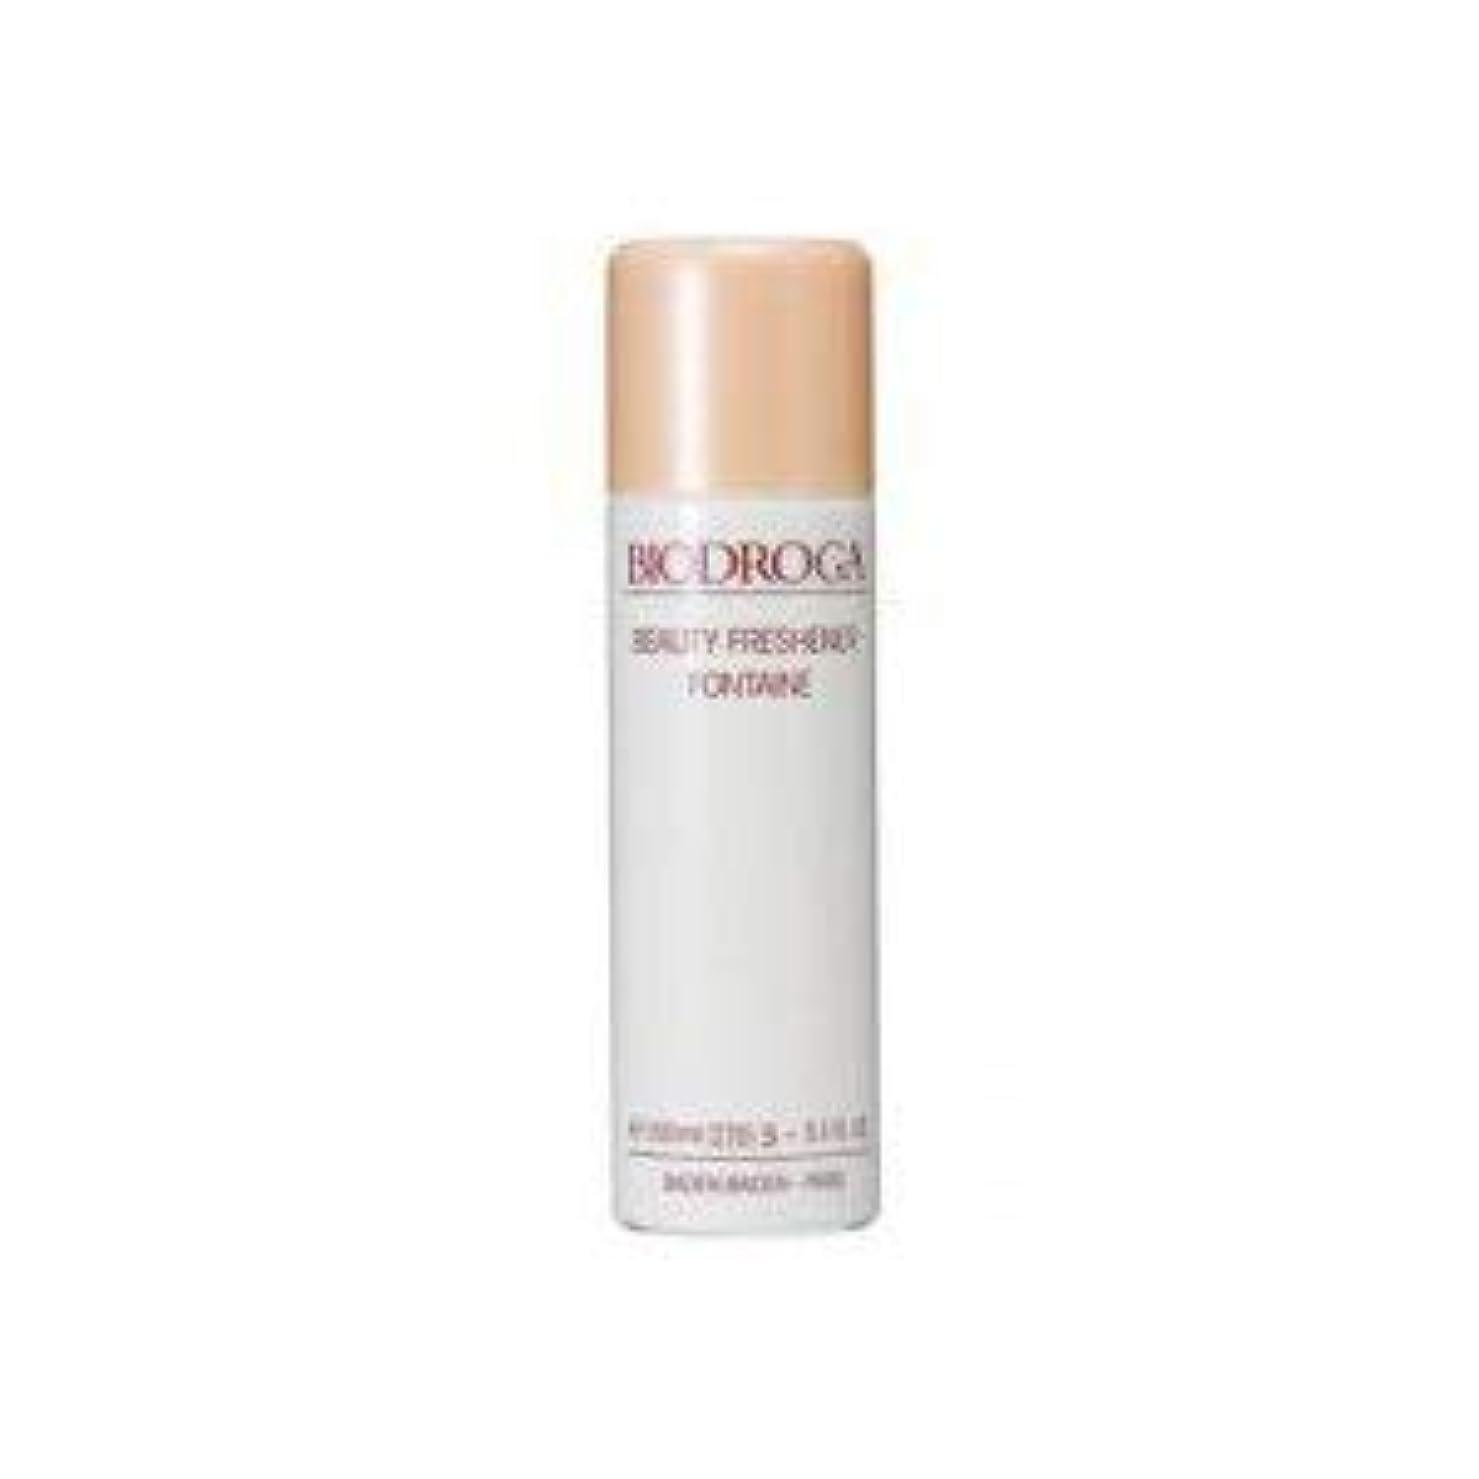 宿るに賛成威するミキ ビオドラガ ビューティーフレッシュナー 150g 一般肌用化粧水 BIODROGA